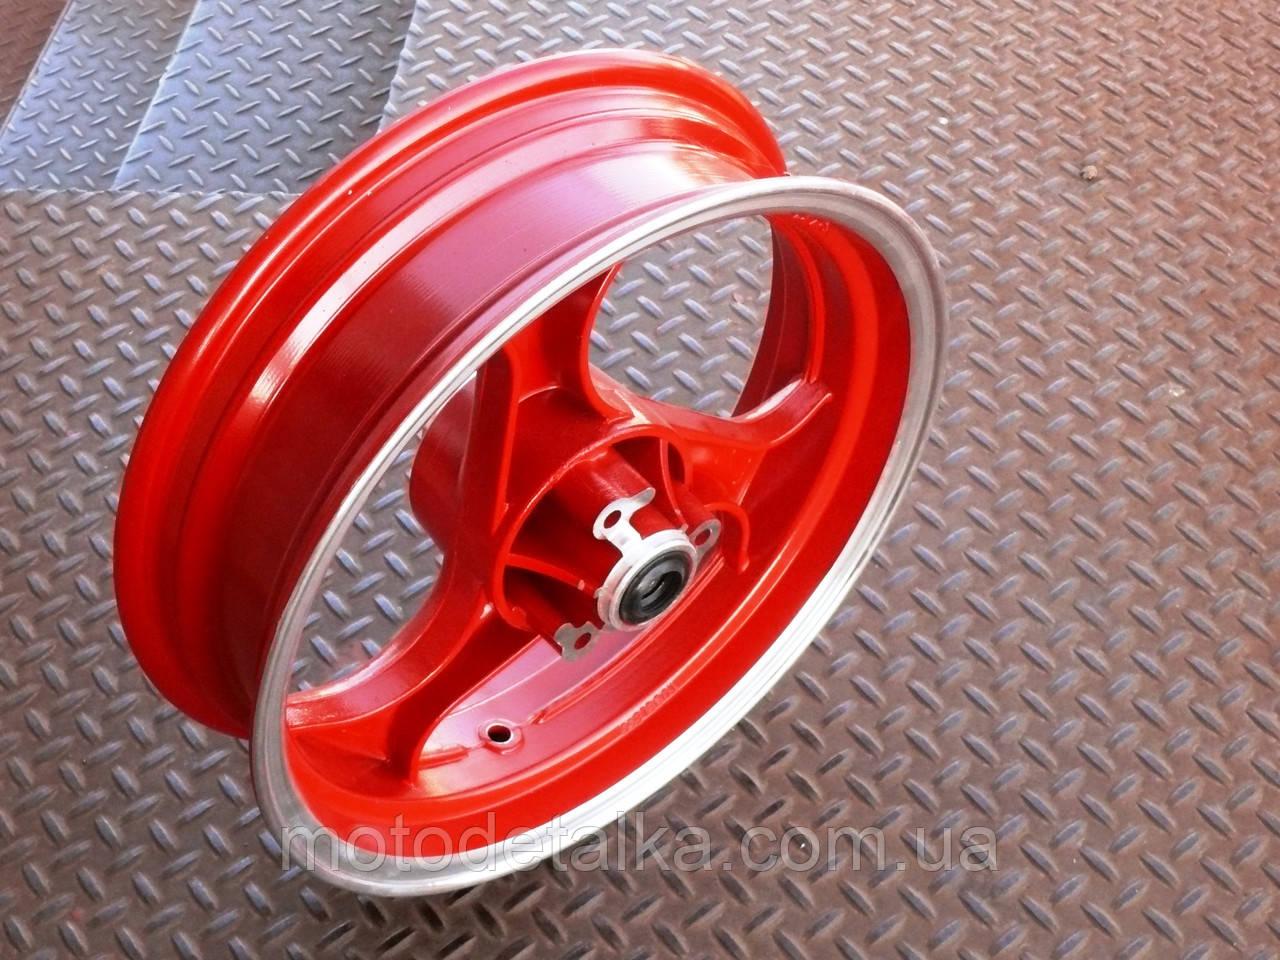 Диск колеса 3,50 * 13 (перед, диск) (легкосплавний) (сріблястий).